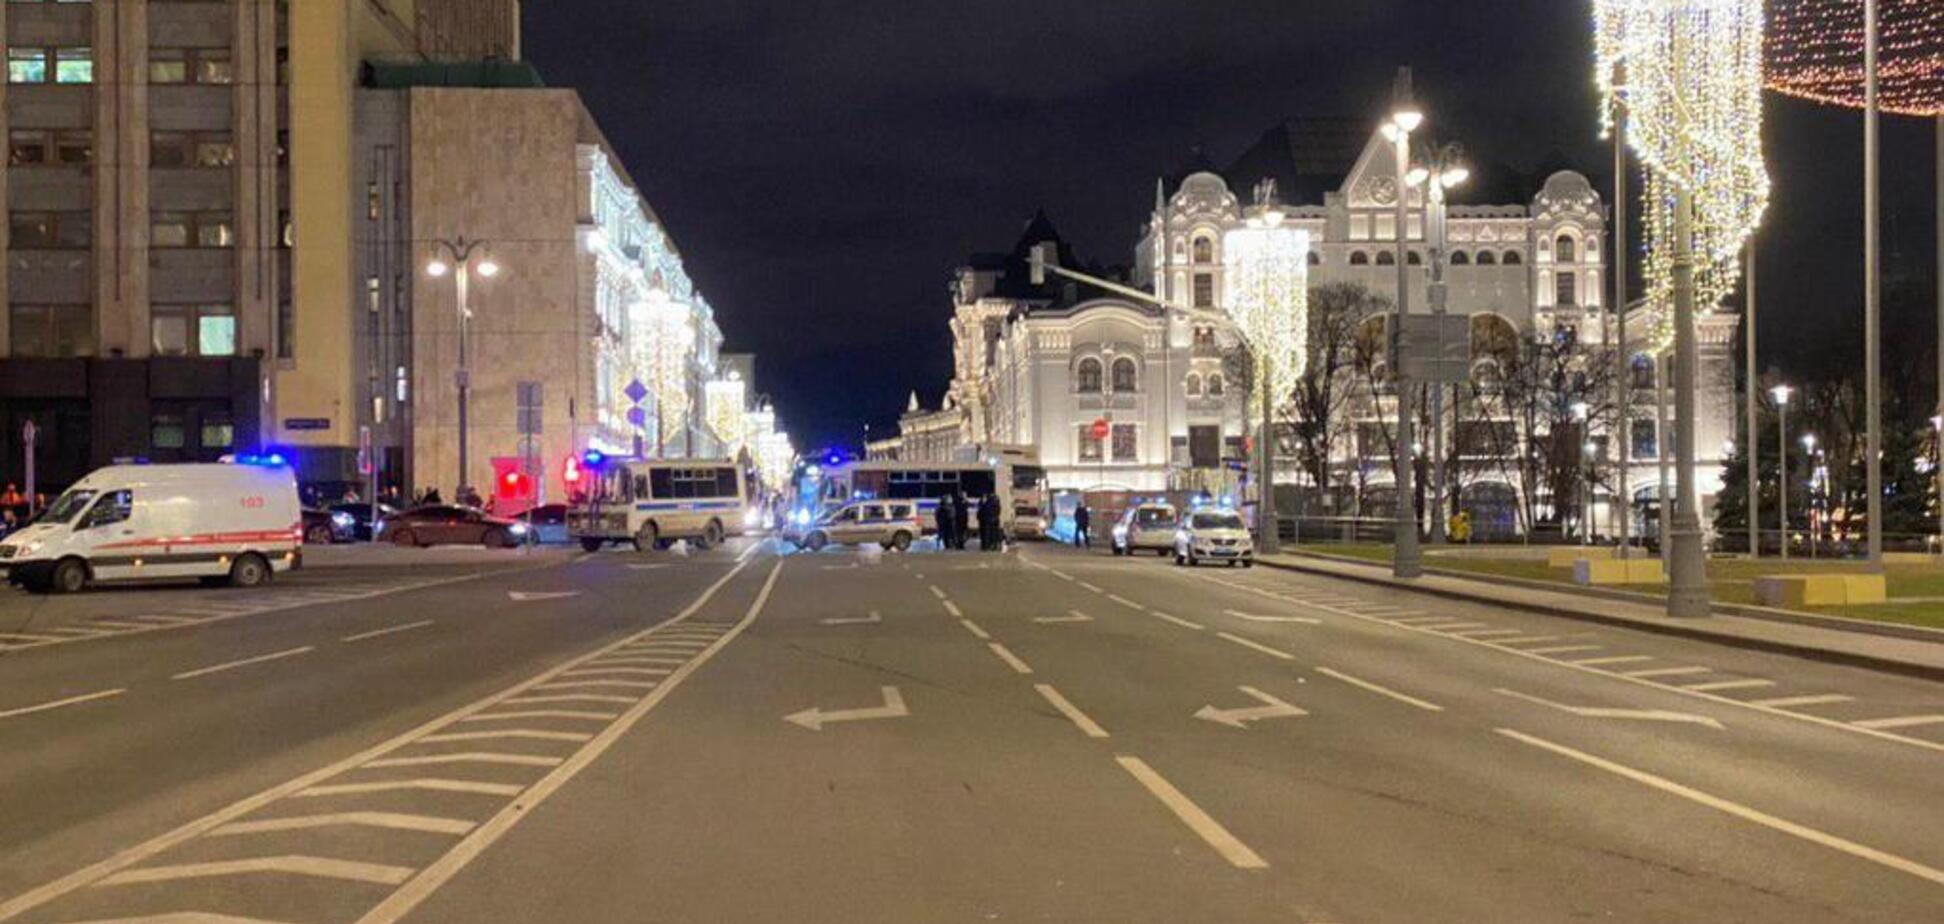 'Война' в центре Москвы: все подробности смертельной перестрелки у здания ФСБ